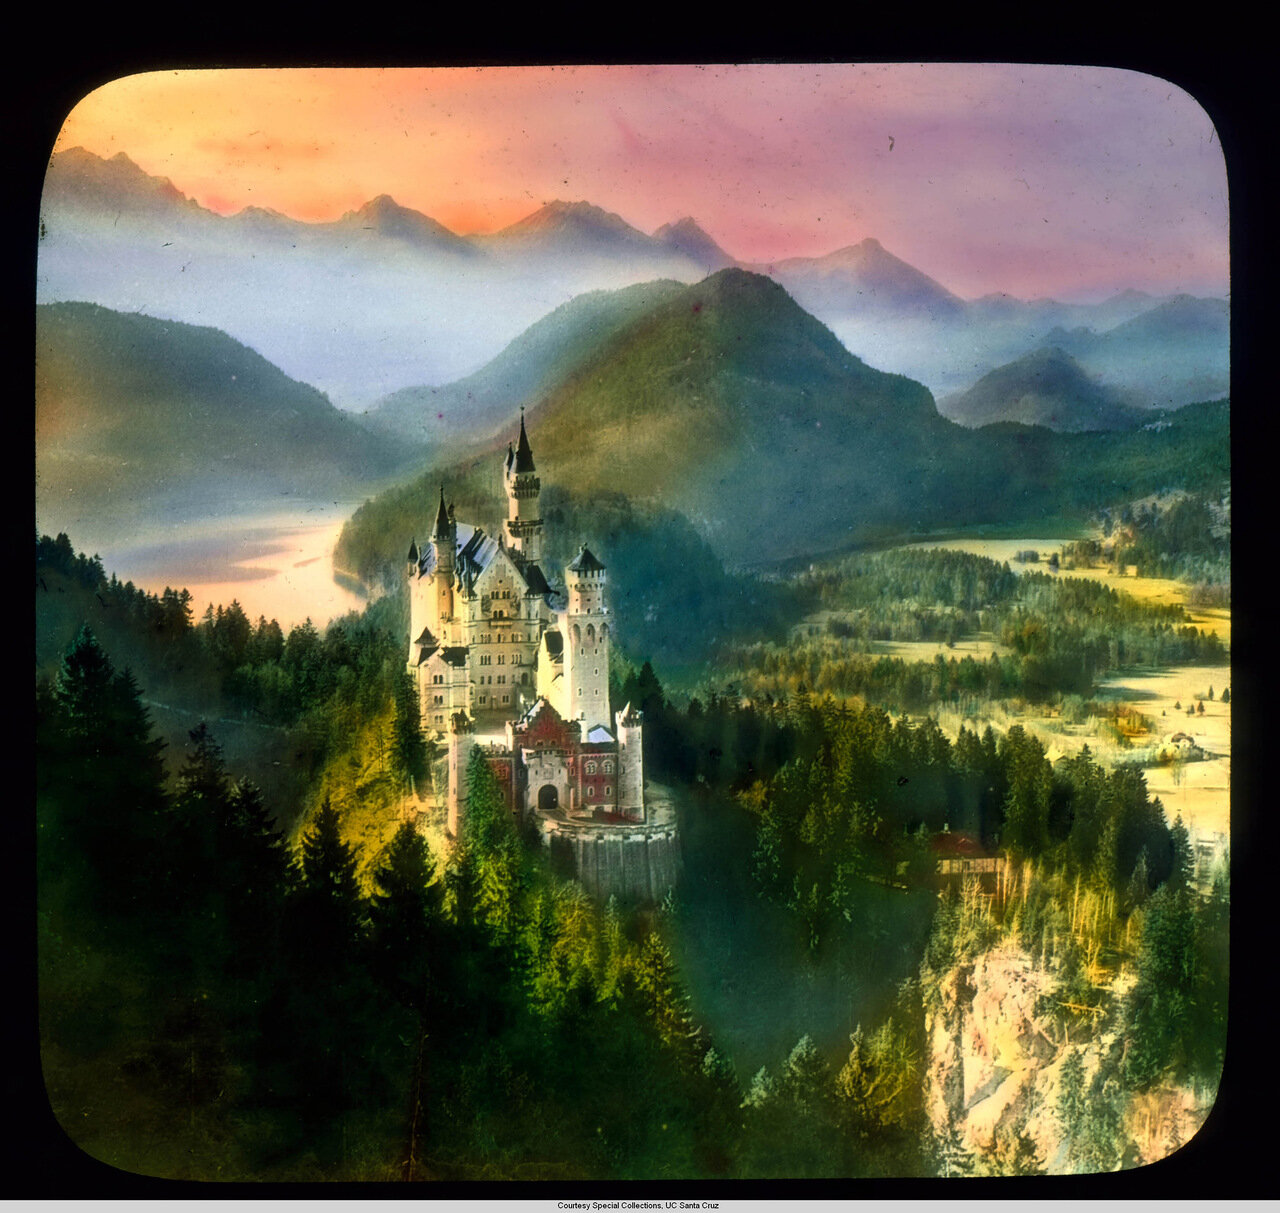 Бавария. Дворец Нойшванштайн на закате